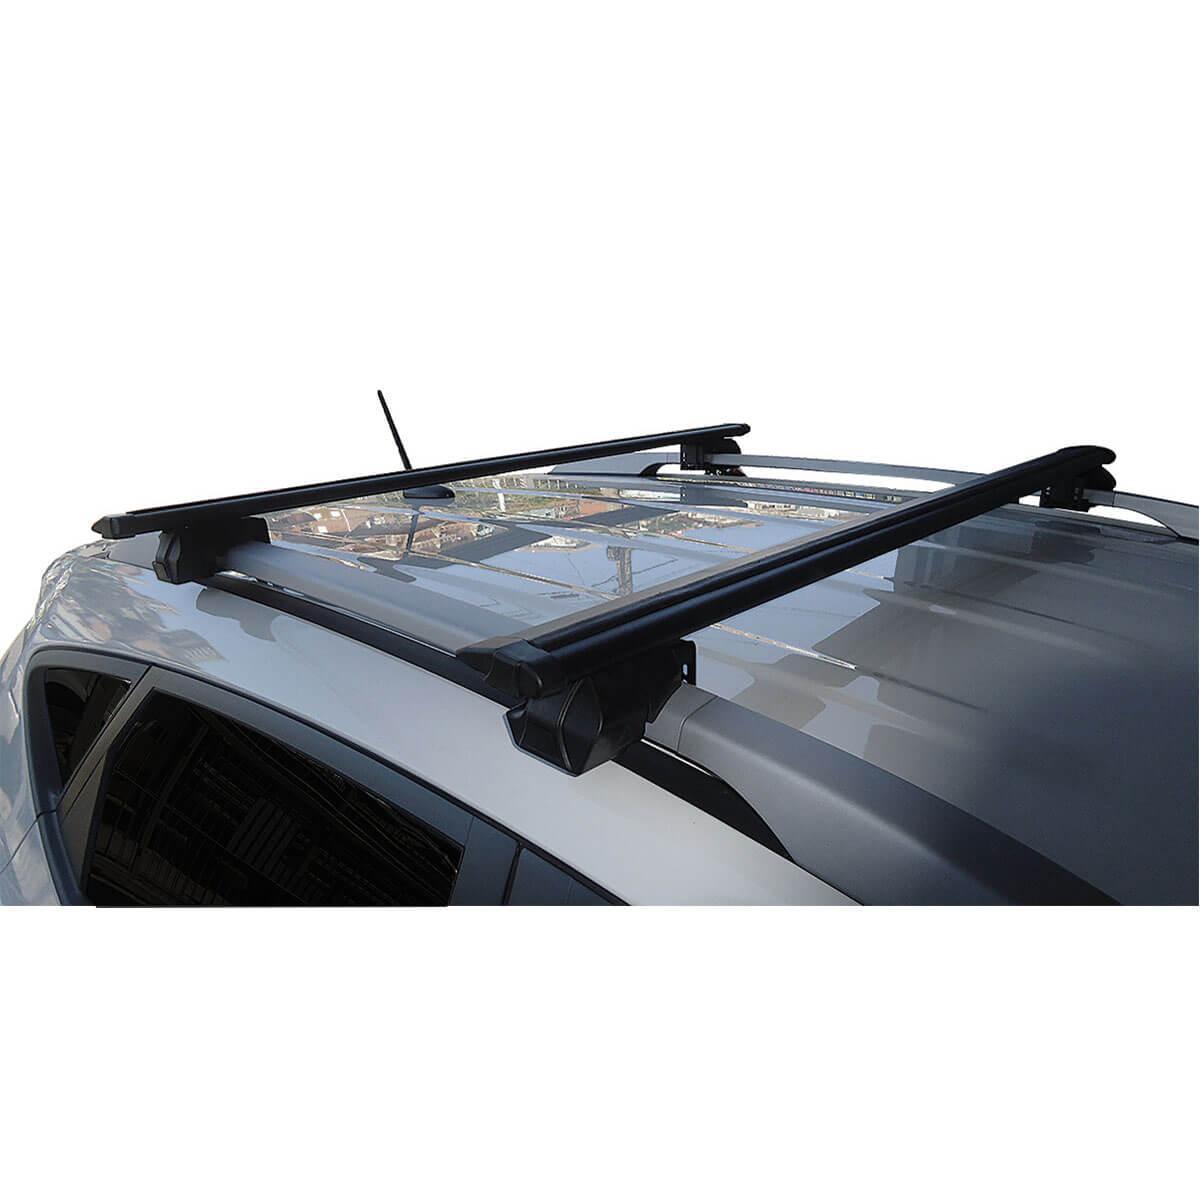 Travessa rack de teto Procargo preta Tracker 1999 a 2009 com trava de segurança